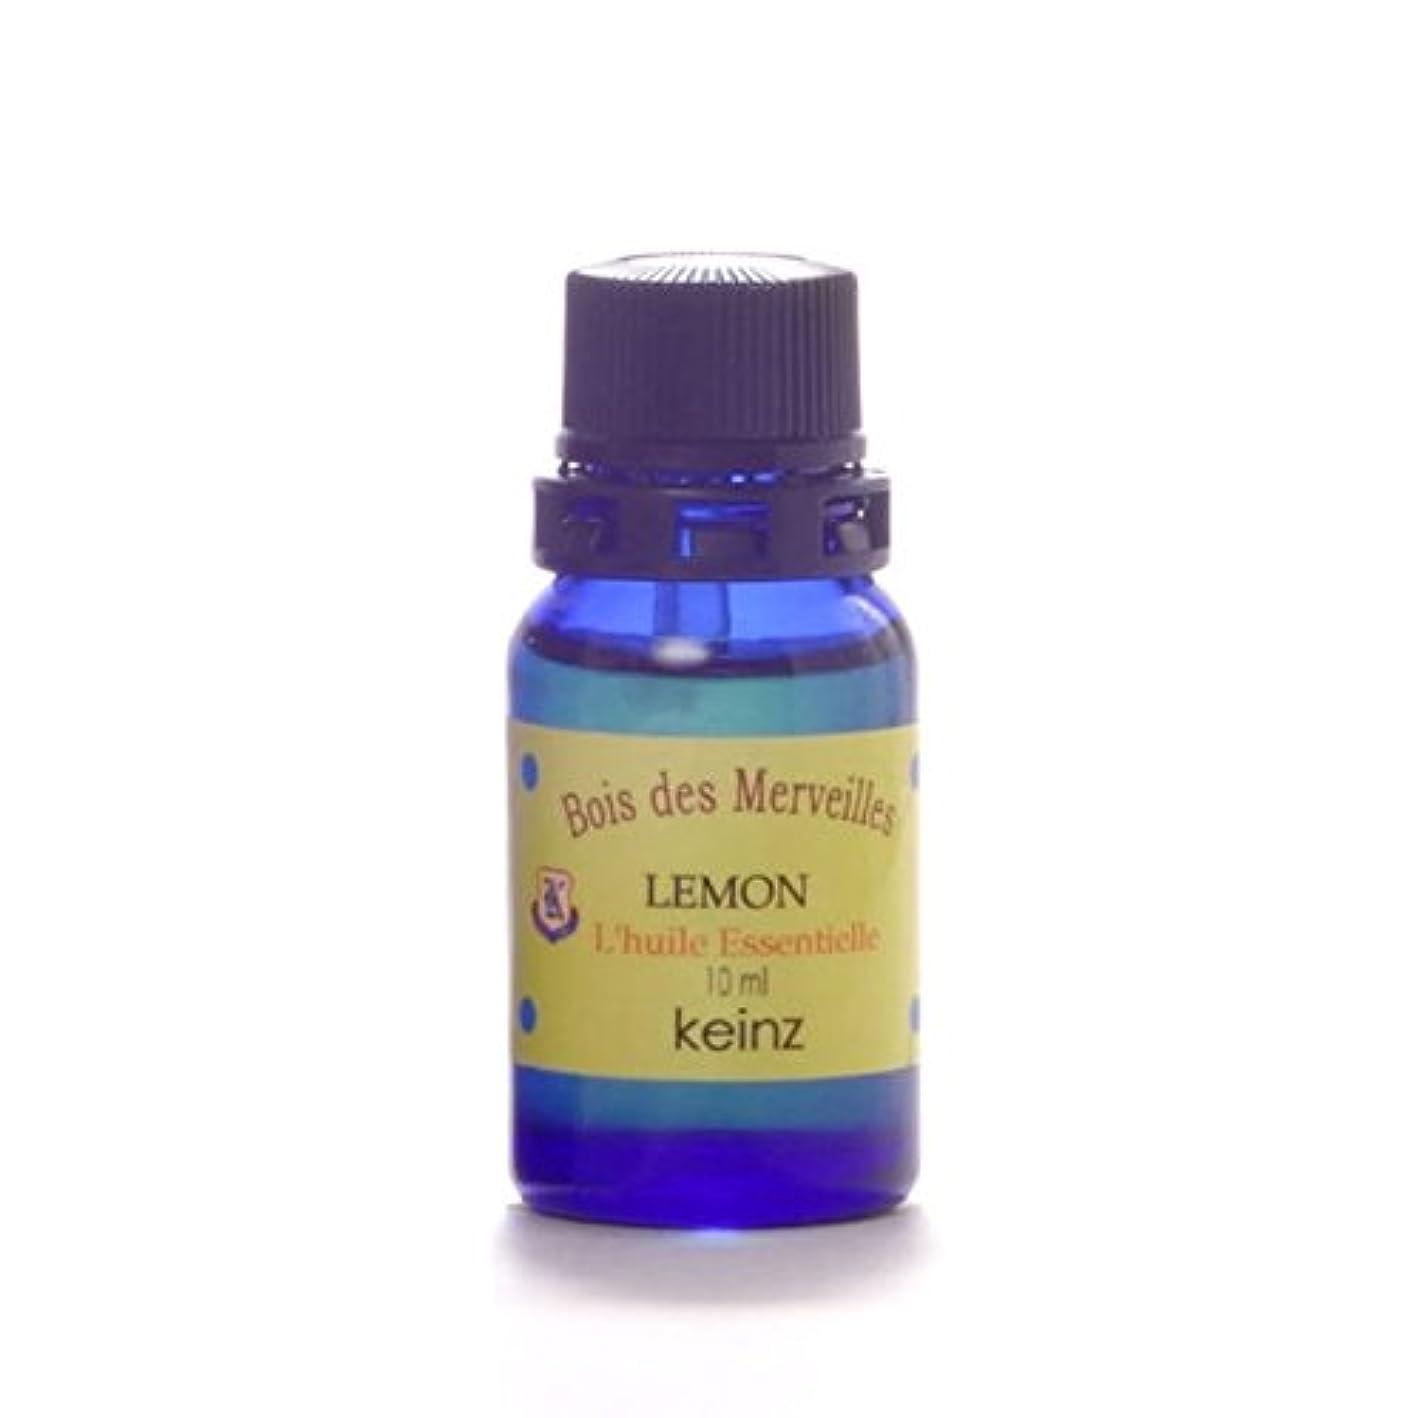 謝るエキゾチック妨げるkeinzエッセンシャルオイル「レモン10ml」ケインズ正規品 製造国アメリカ 冷圧搾法 完全無添加精油 人工香料は使っていません。【送料無料】